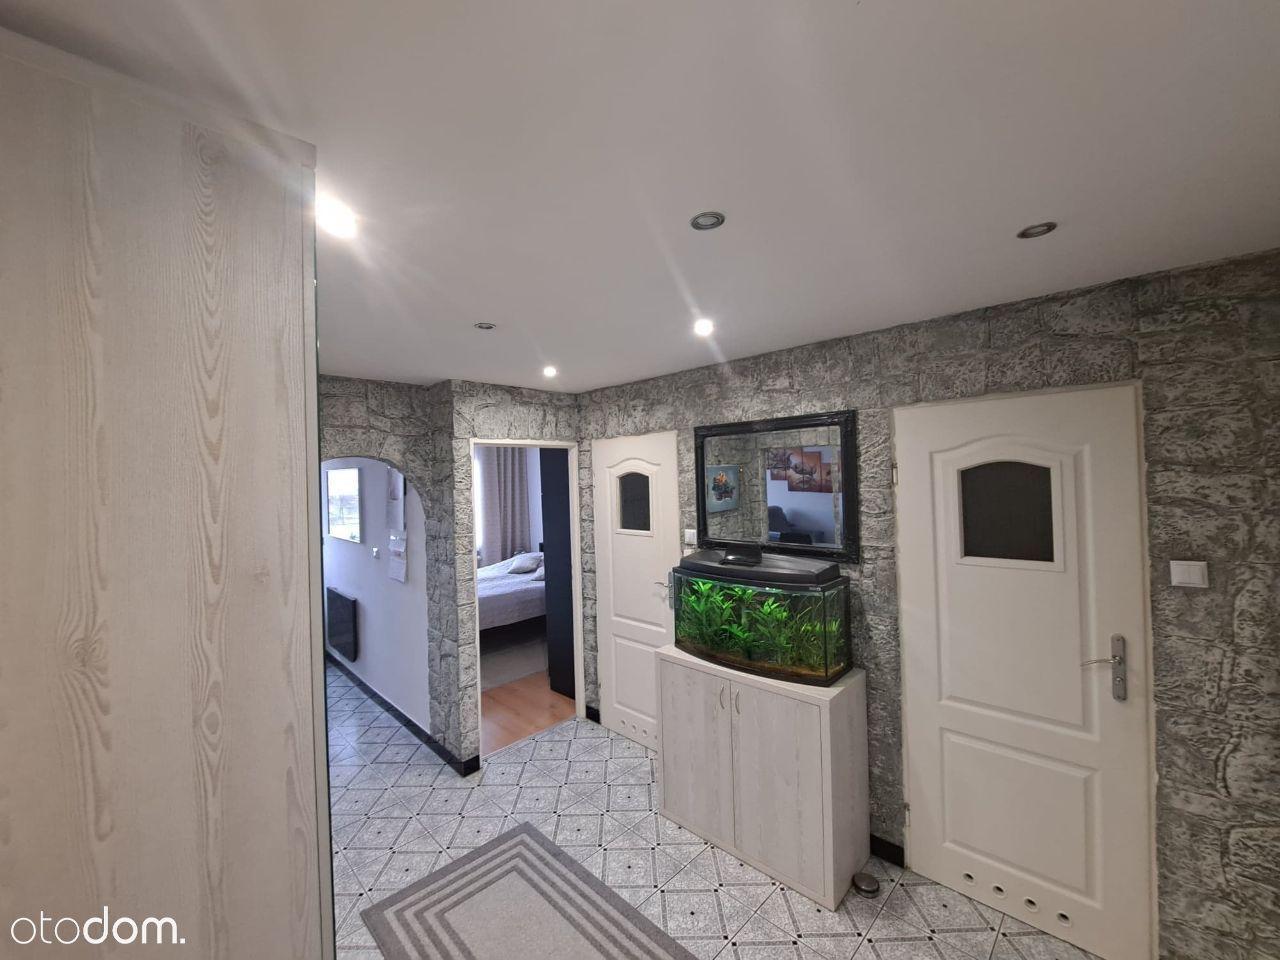 Mieszkanie ul. Witosa - 65 m² - od właściciela